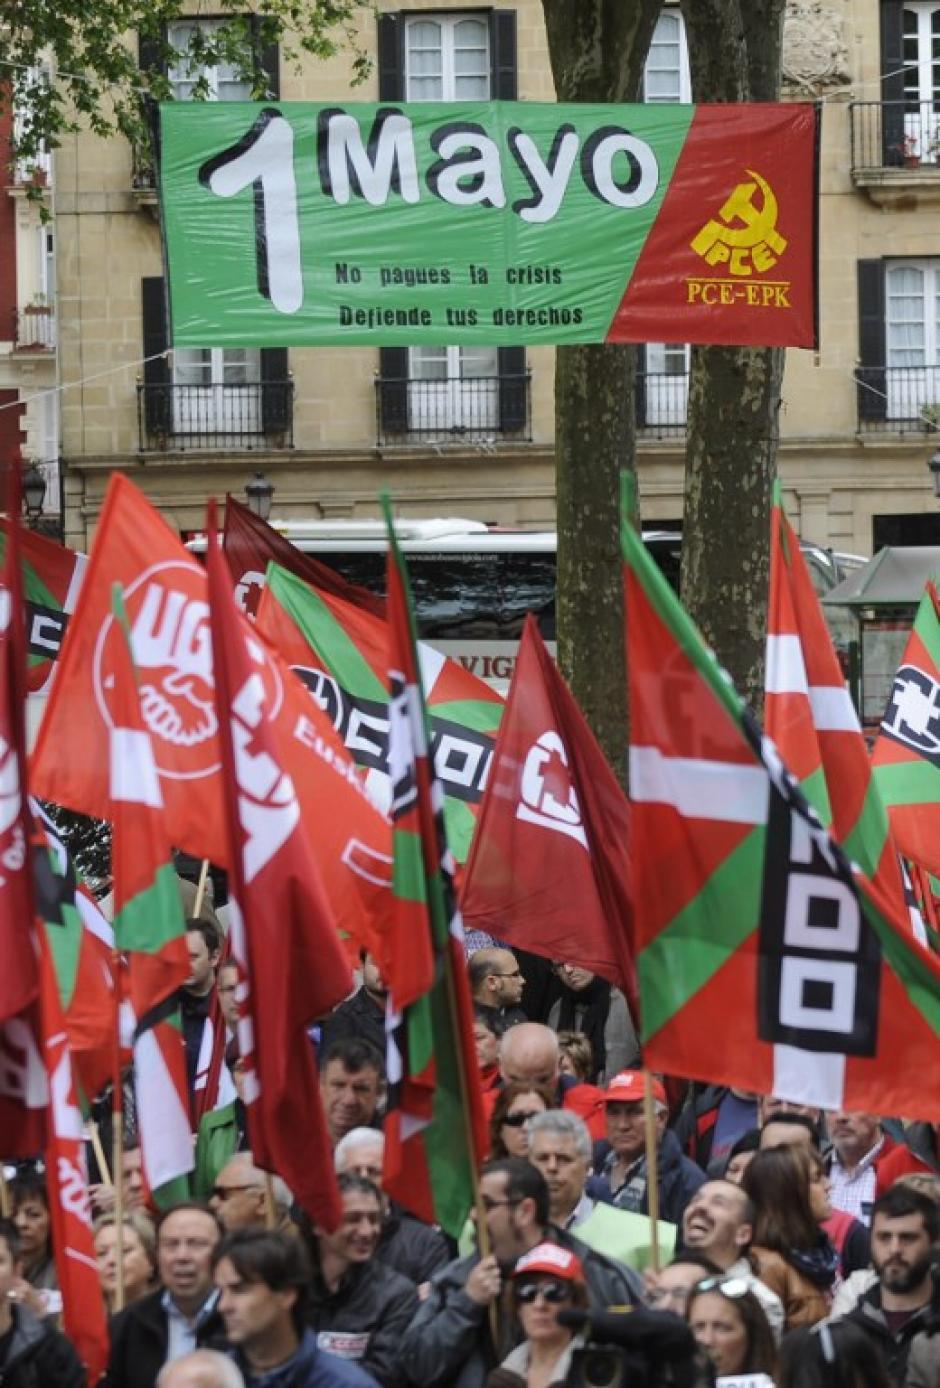 Sindicalistas protestan contra las medidas de austeridad del gobierno español durante la manifestación del Primero de Mayo en la ciudad de Bilbao, España. (Foto:AFP)